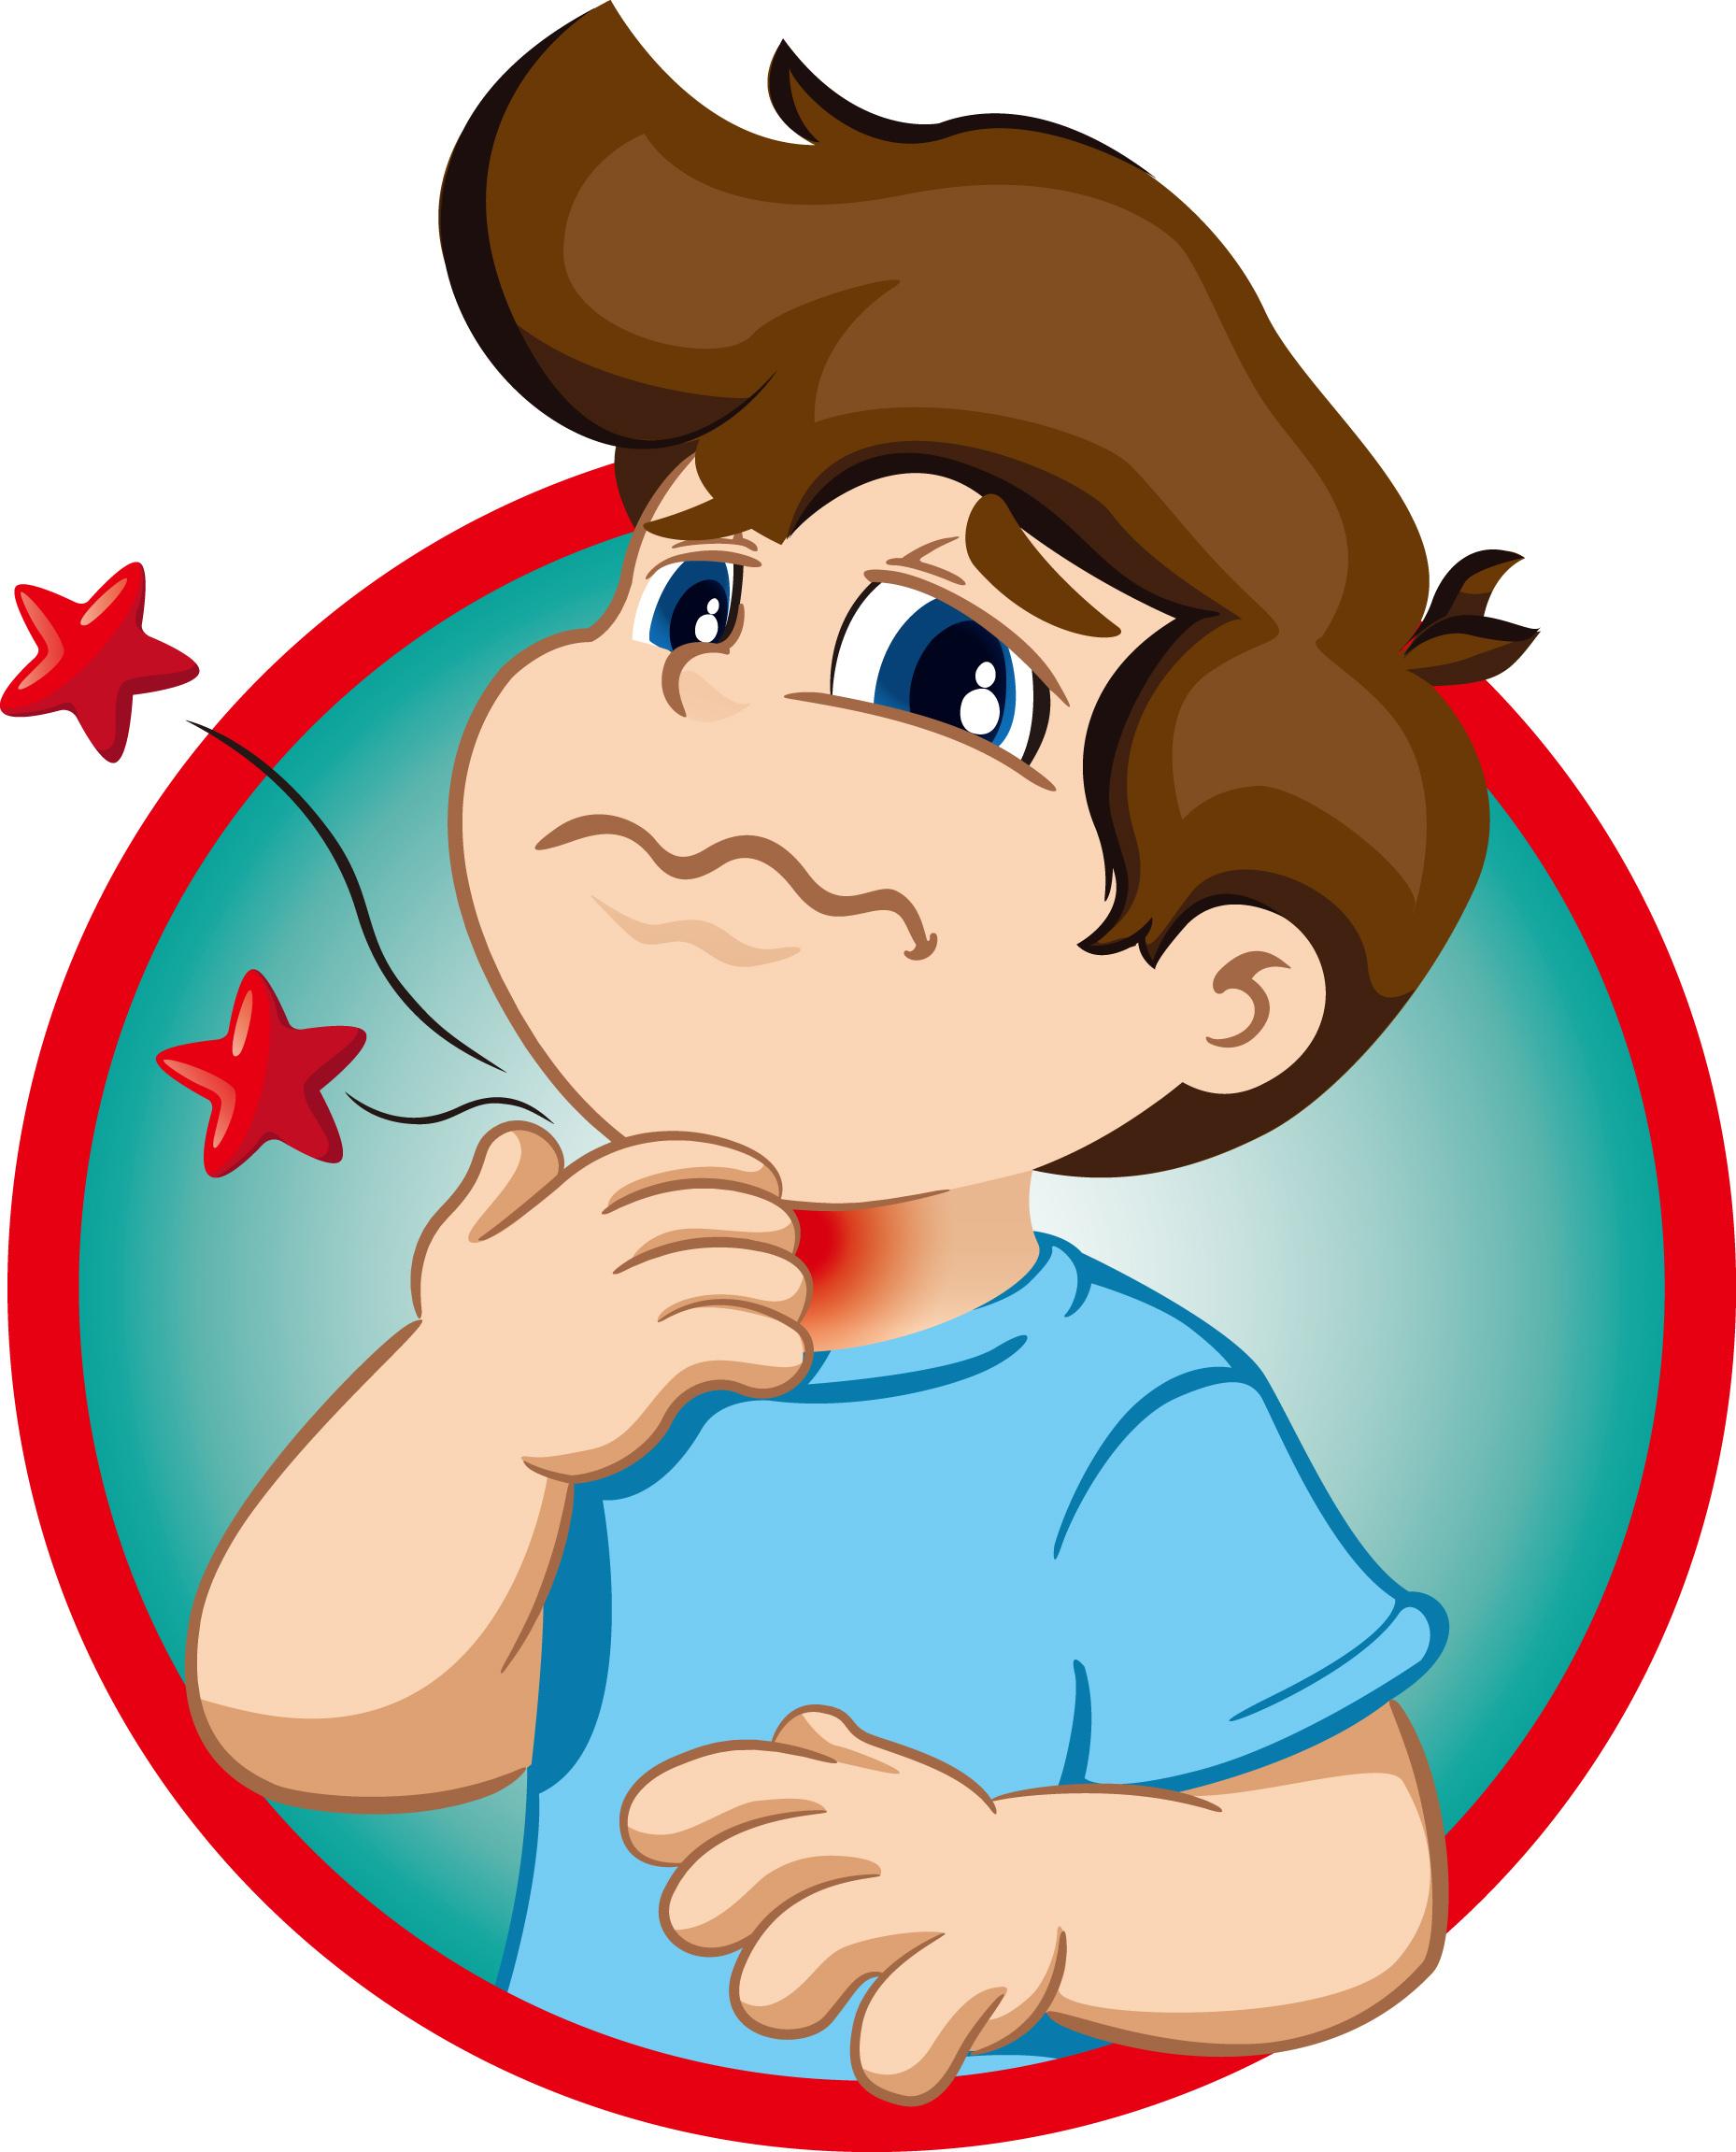 怎么确定是扁桃体发炎了? 怎么确定是扁桃体发炎了? 扁桃体相关问题